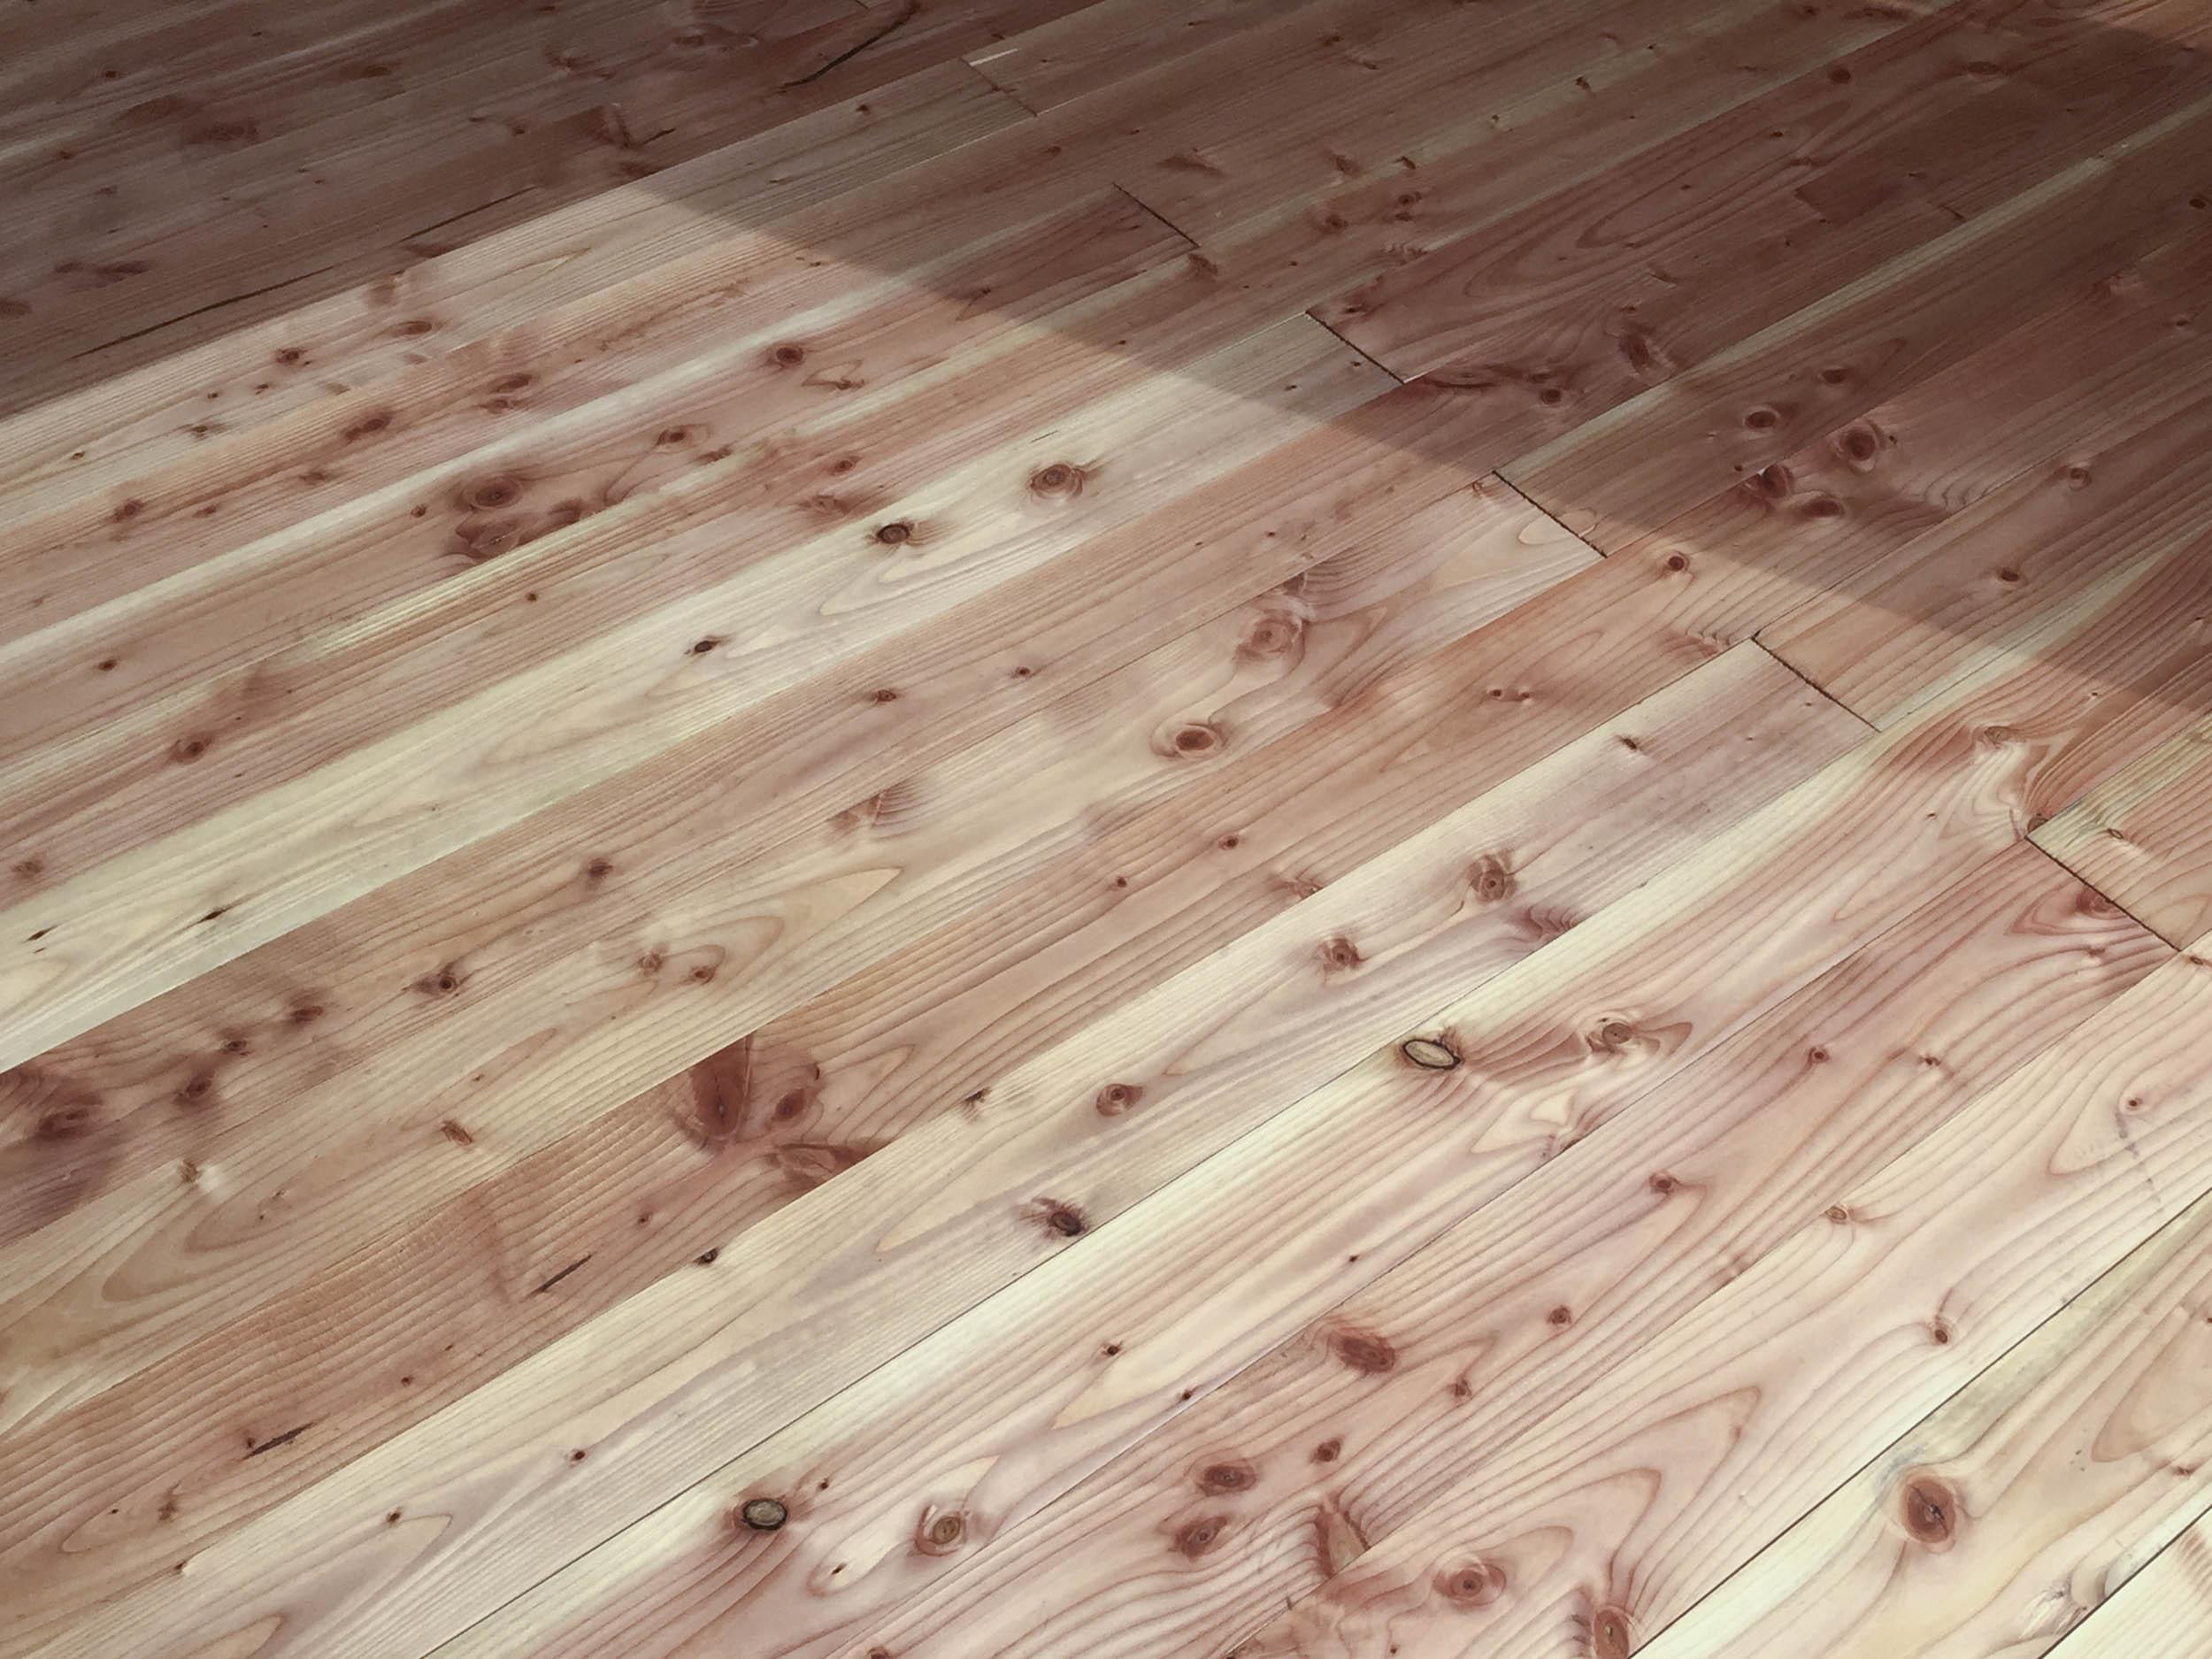 Holzfußboden Legen ~ Holzfußboden verlegen schritt für schritt erklärt plus material